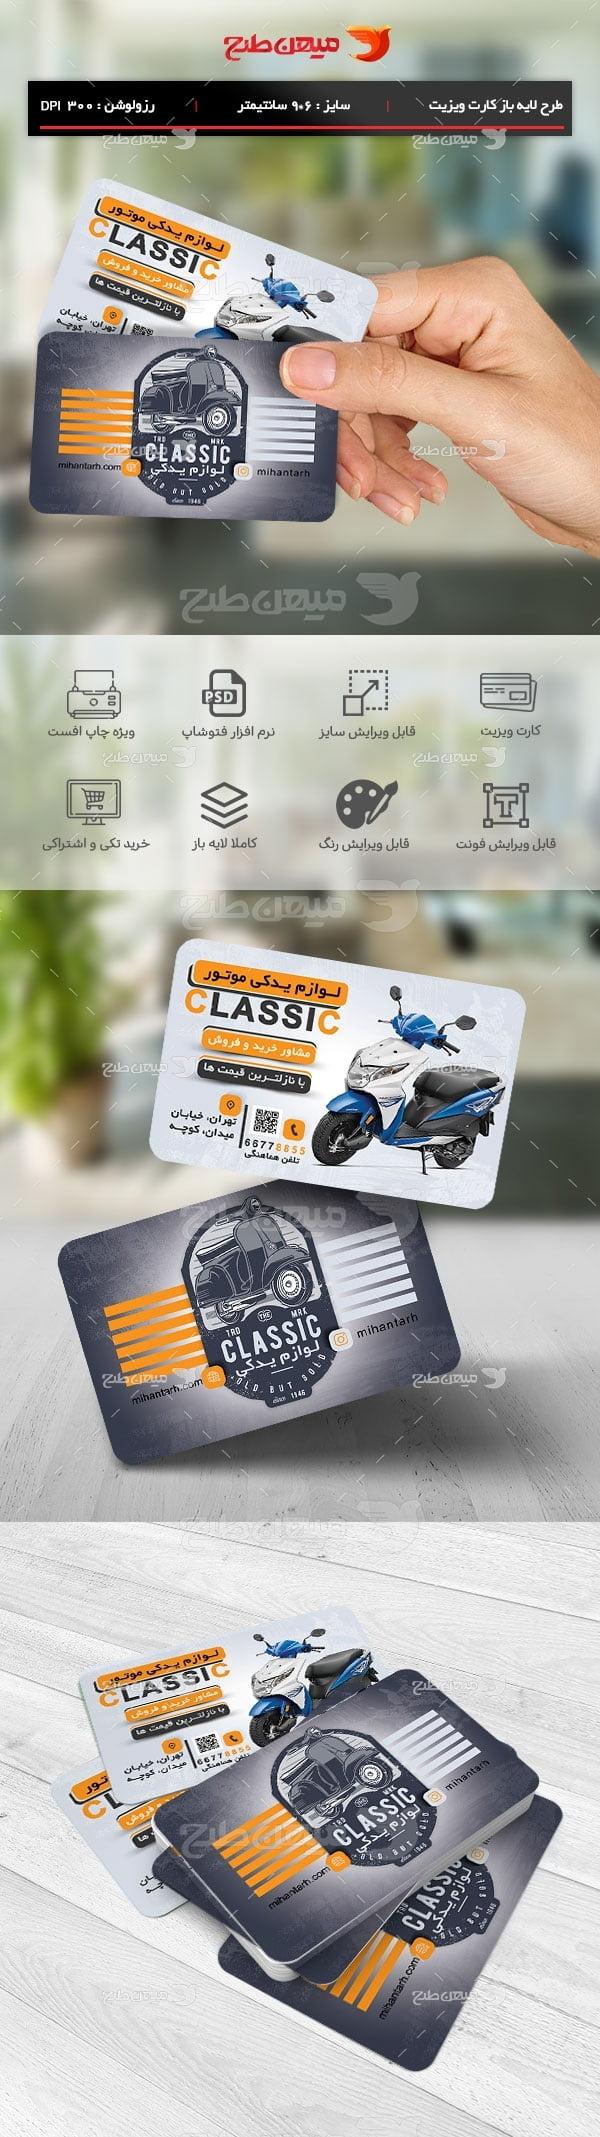 طرح لایه باز کارت ویزیت لوازم یدکی موتورسیکلت